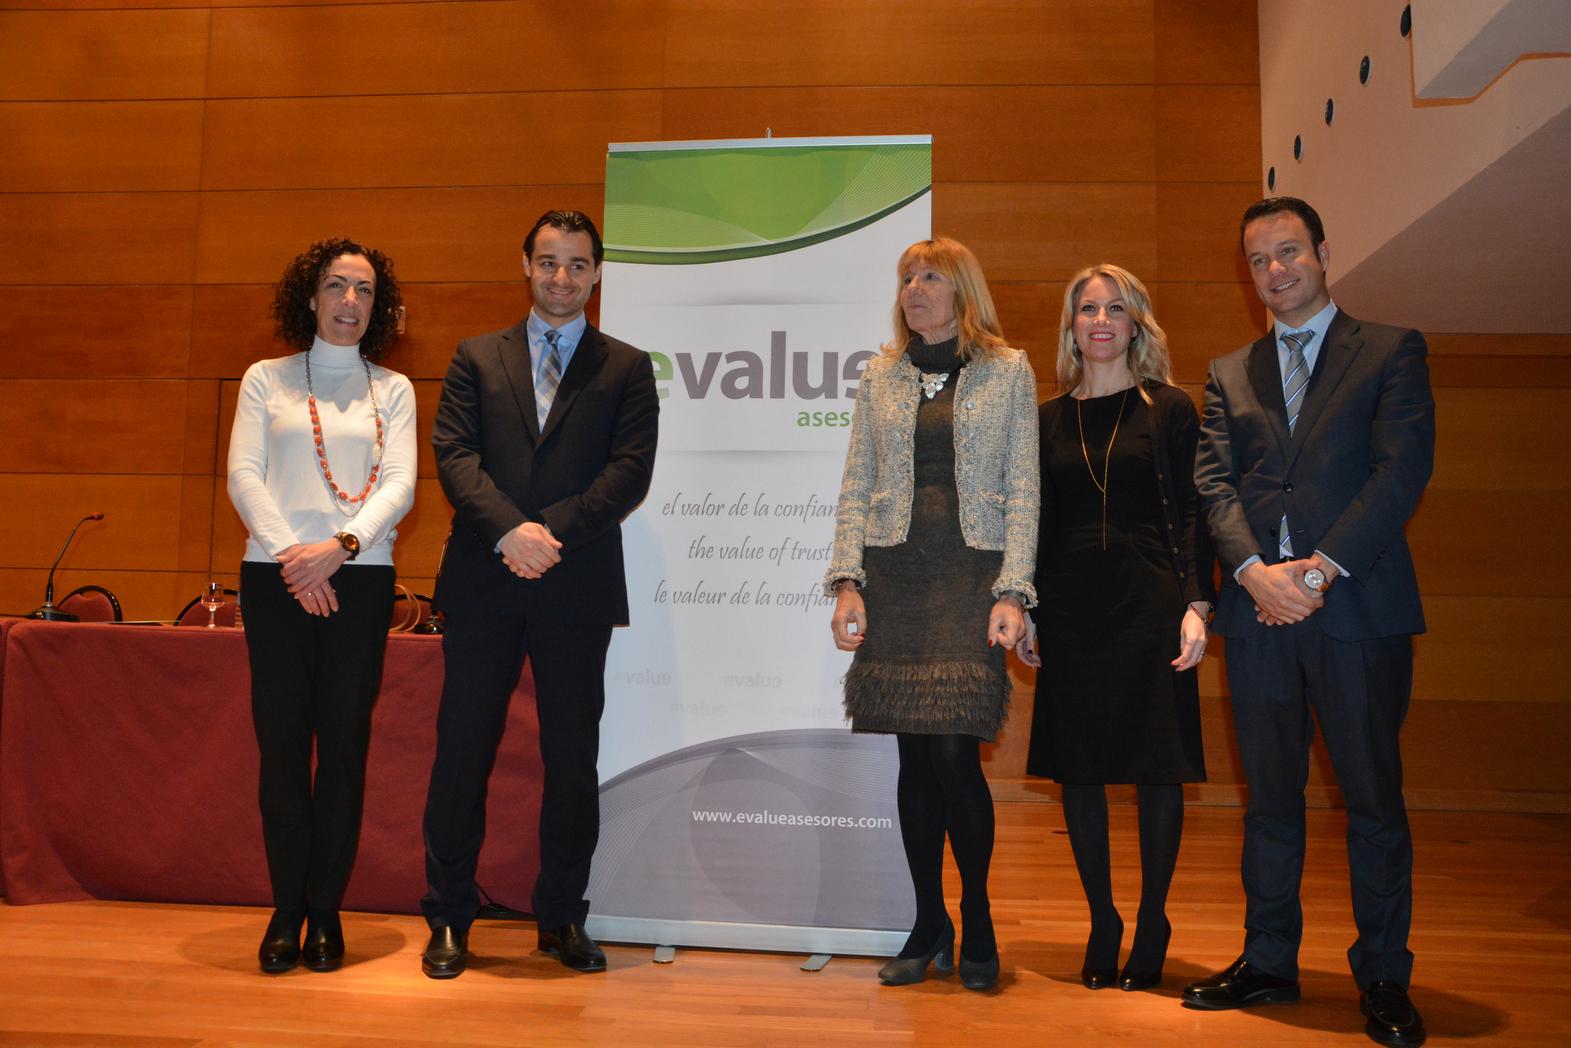 Evalue Asesores organiza sesión de fiscalidad para residentes francófonos en Torrevieja